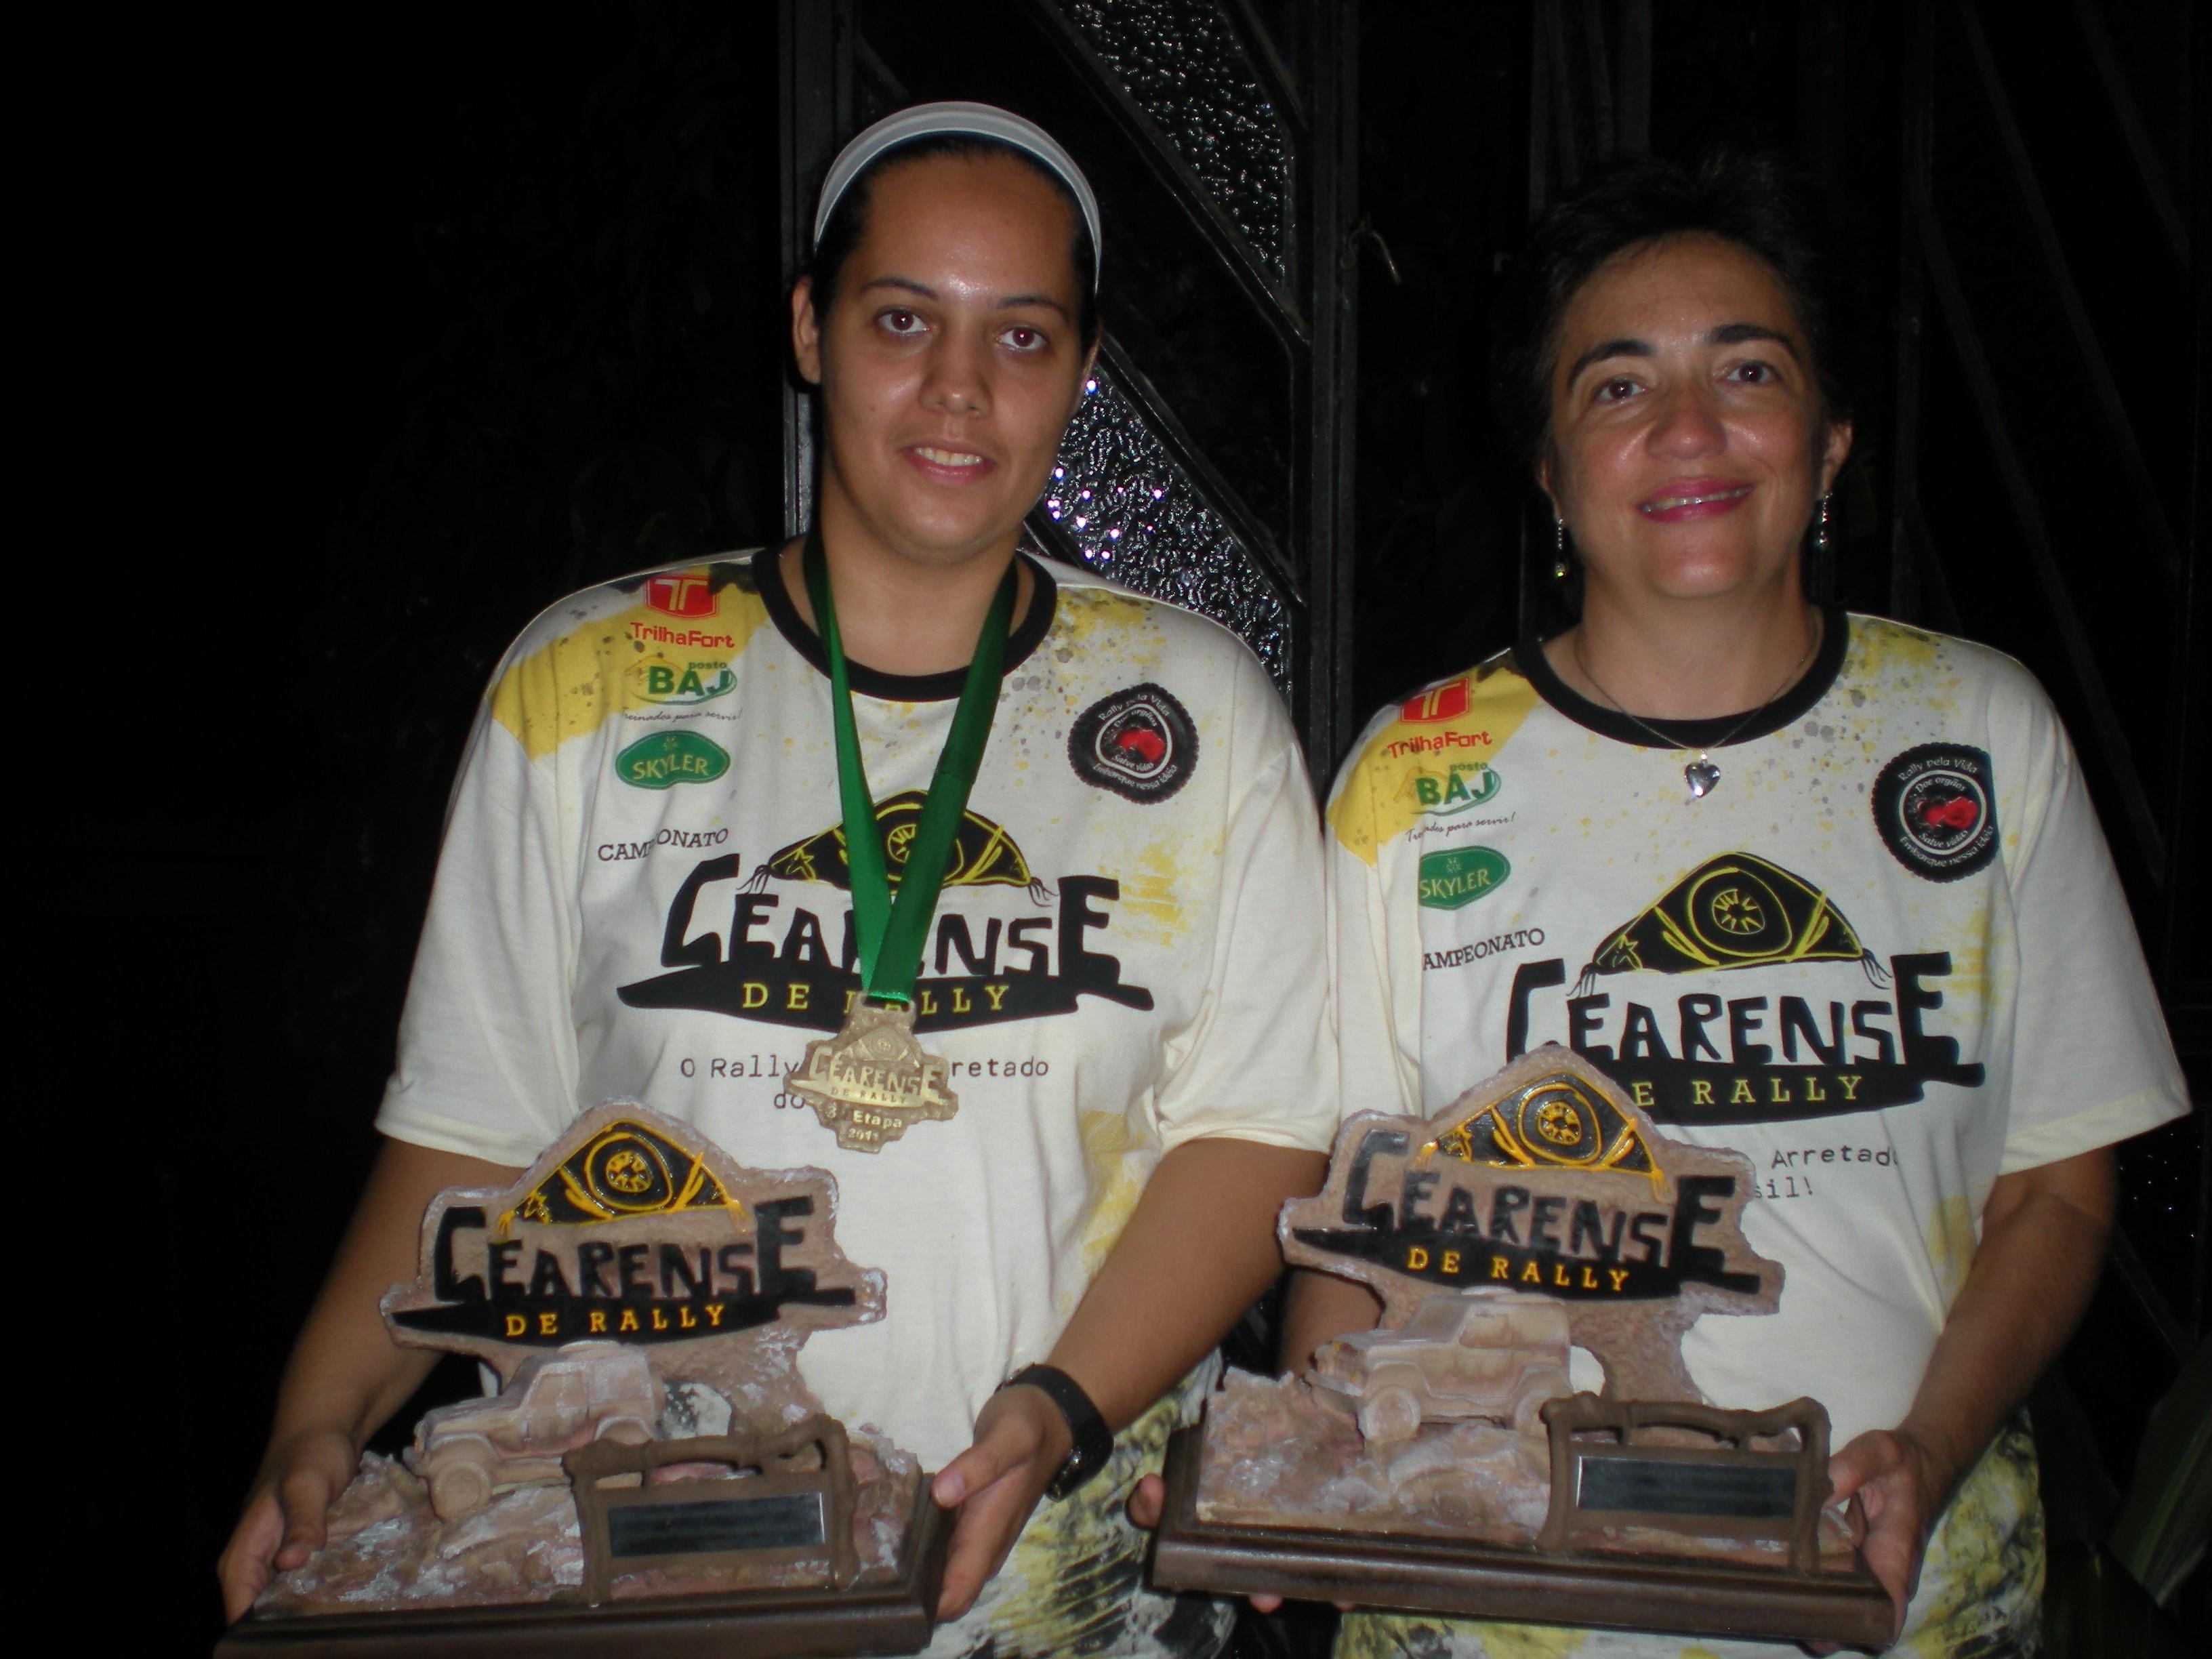 Minha navegadora Fernanda Pinho e eu Magda Rosa (Rosinha) exibindo o troféu de participação pela campanha de doação de órgãos.